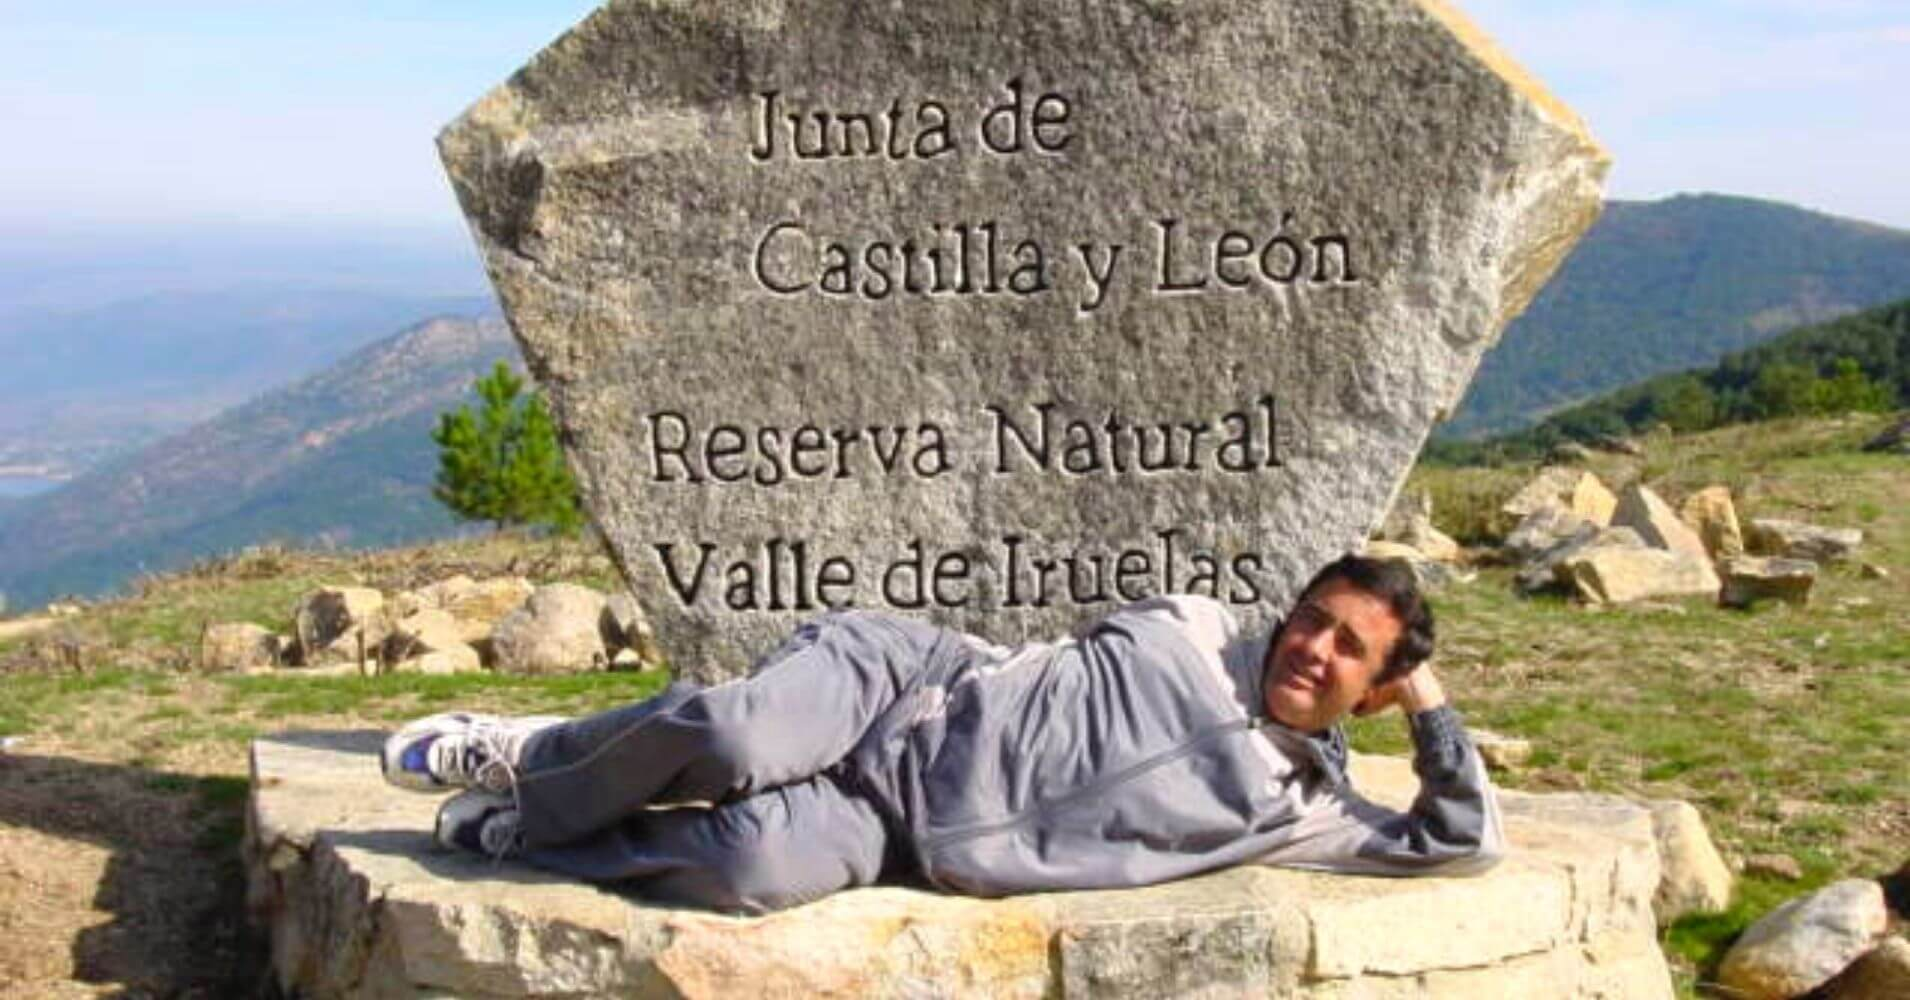 Reserva Natural del Valle de Iruelas. Ávila. Castilla y León.